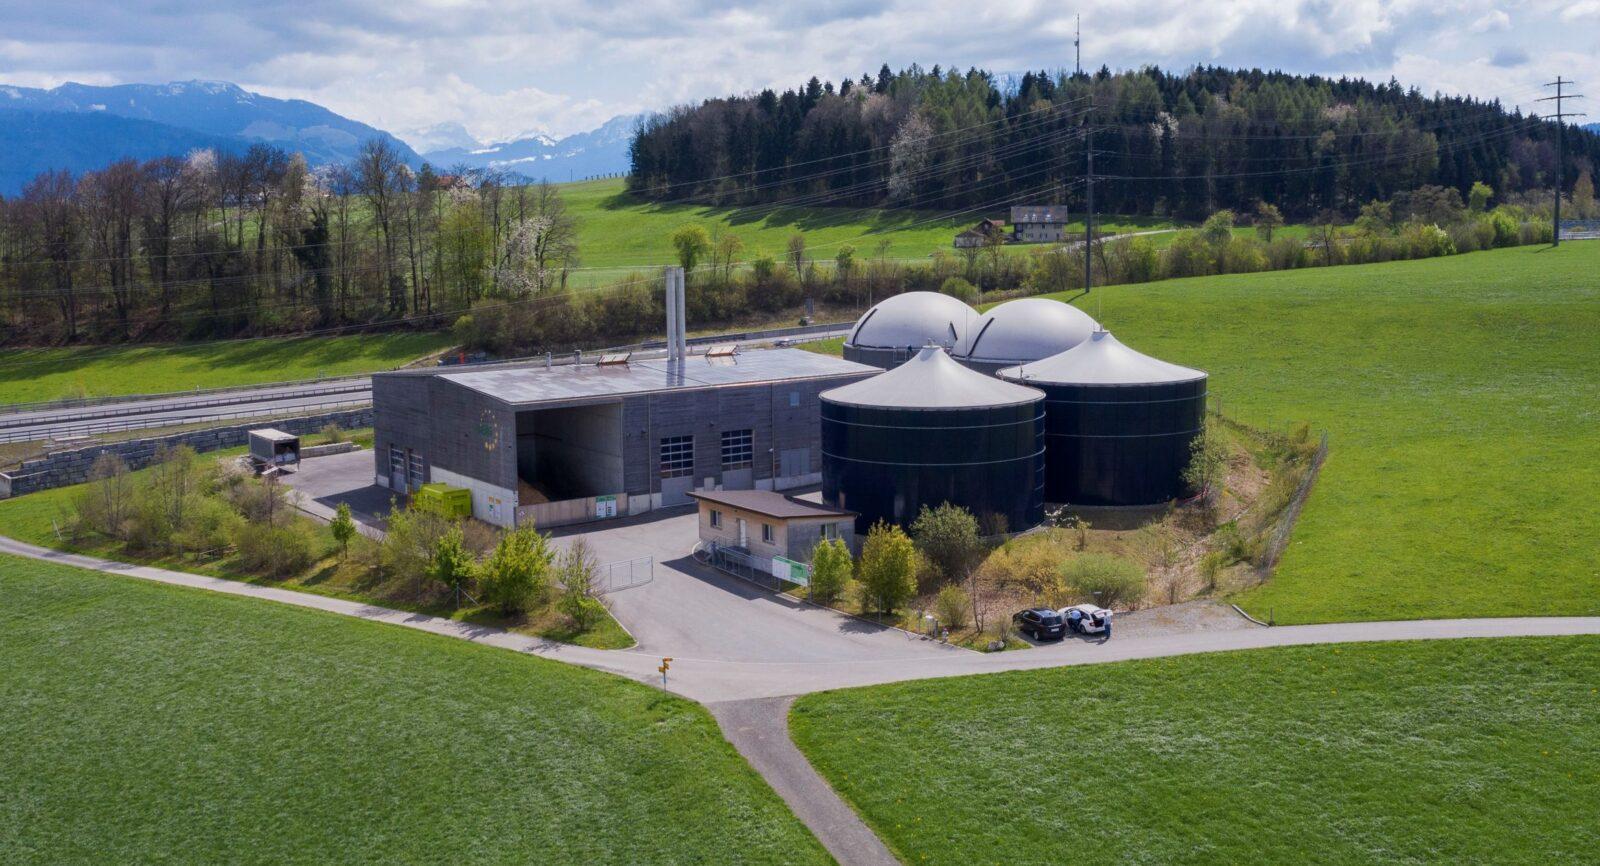 Flugaufnahme auf die Biomasse-Heizkraftwerk mit Werkgebäude (li.), 2 Fermenter mit Gashauben (re. i. Hintergr.), 2 Güllenlager (re. i. Vordergrund)